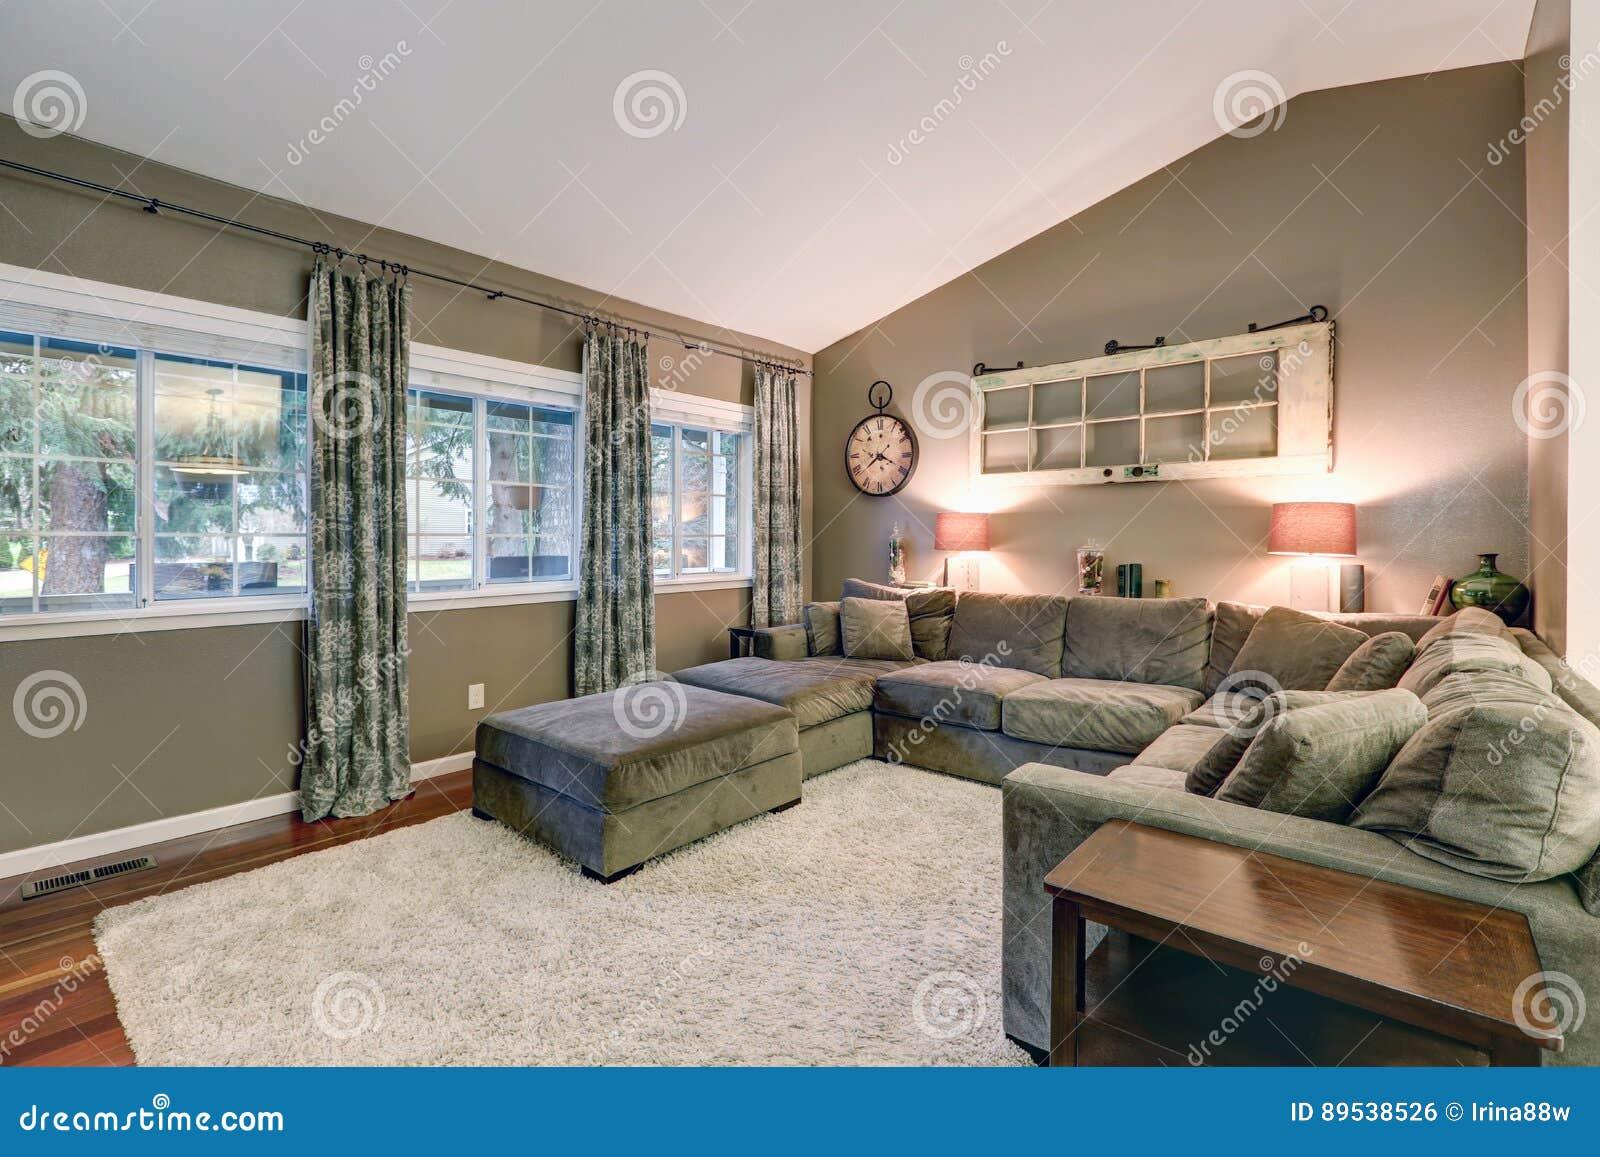 Peinture plafond chambre comment peindre une chambre - Plafond couleur taupe ...